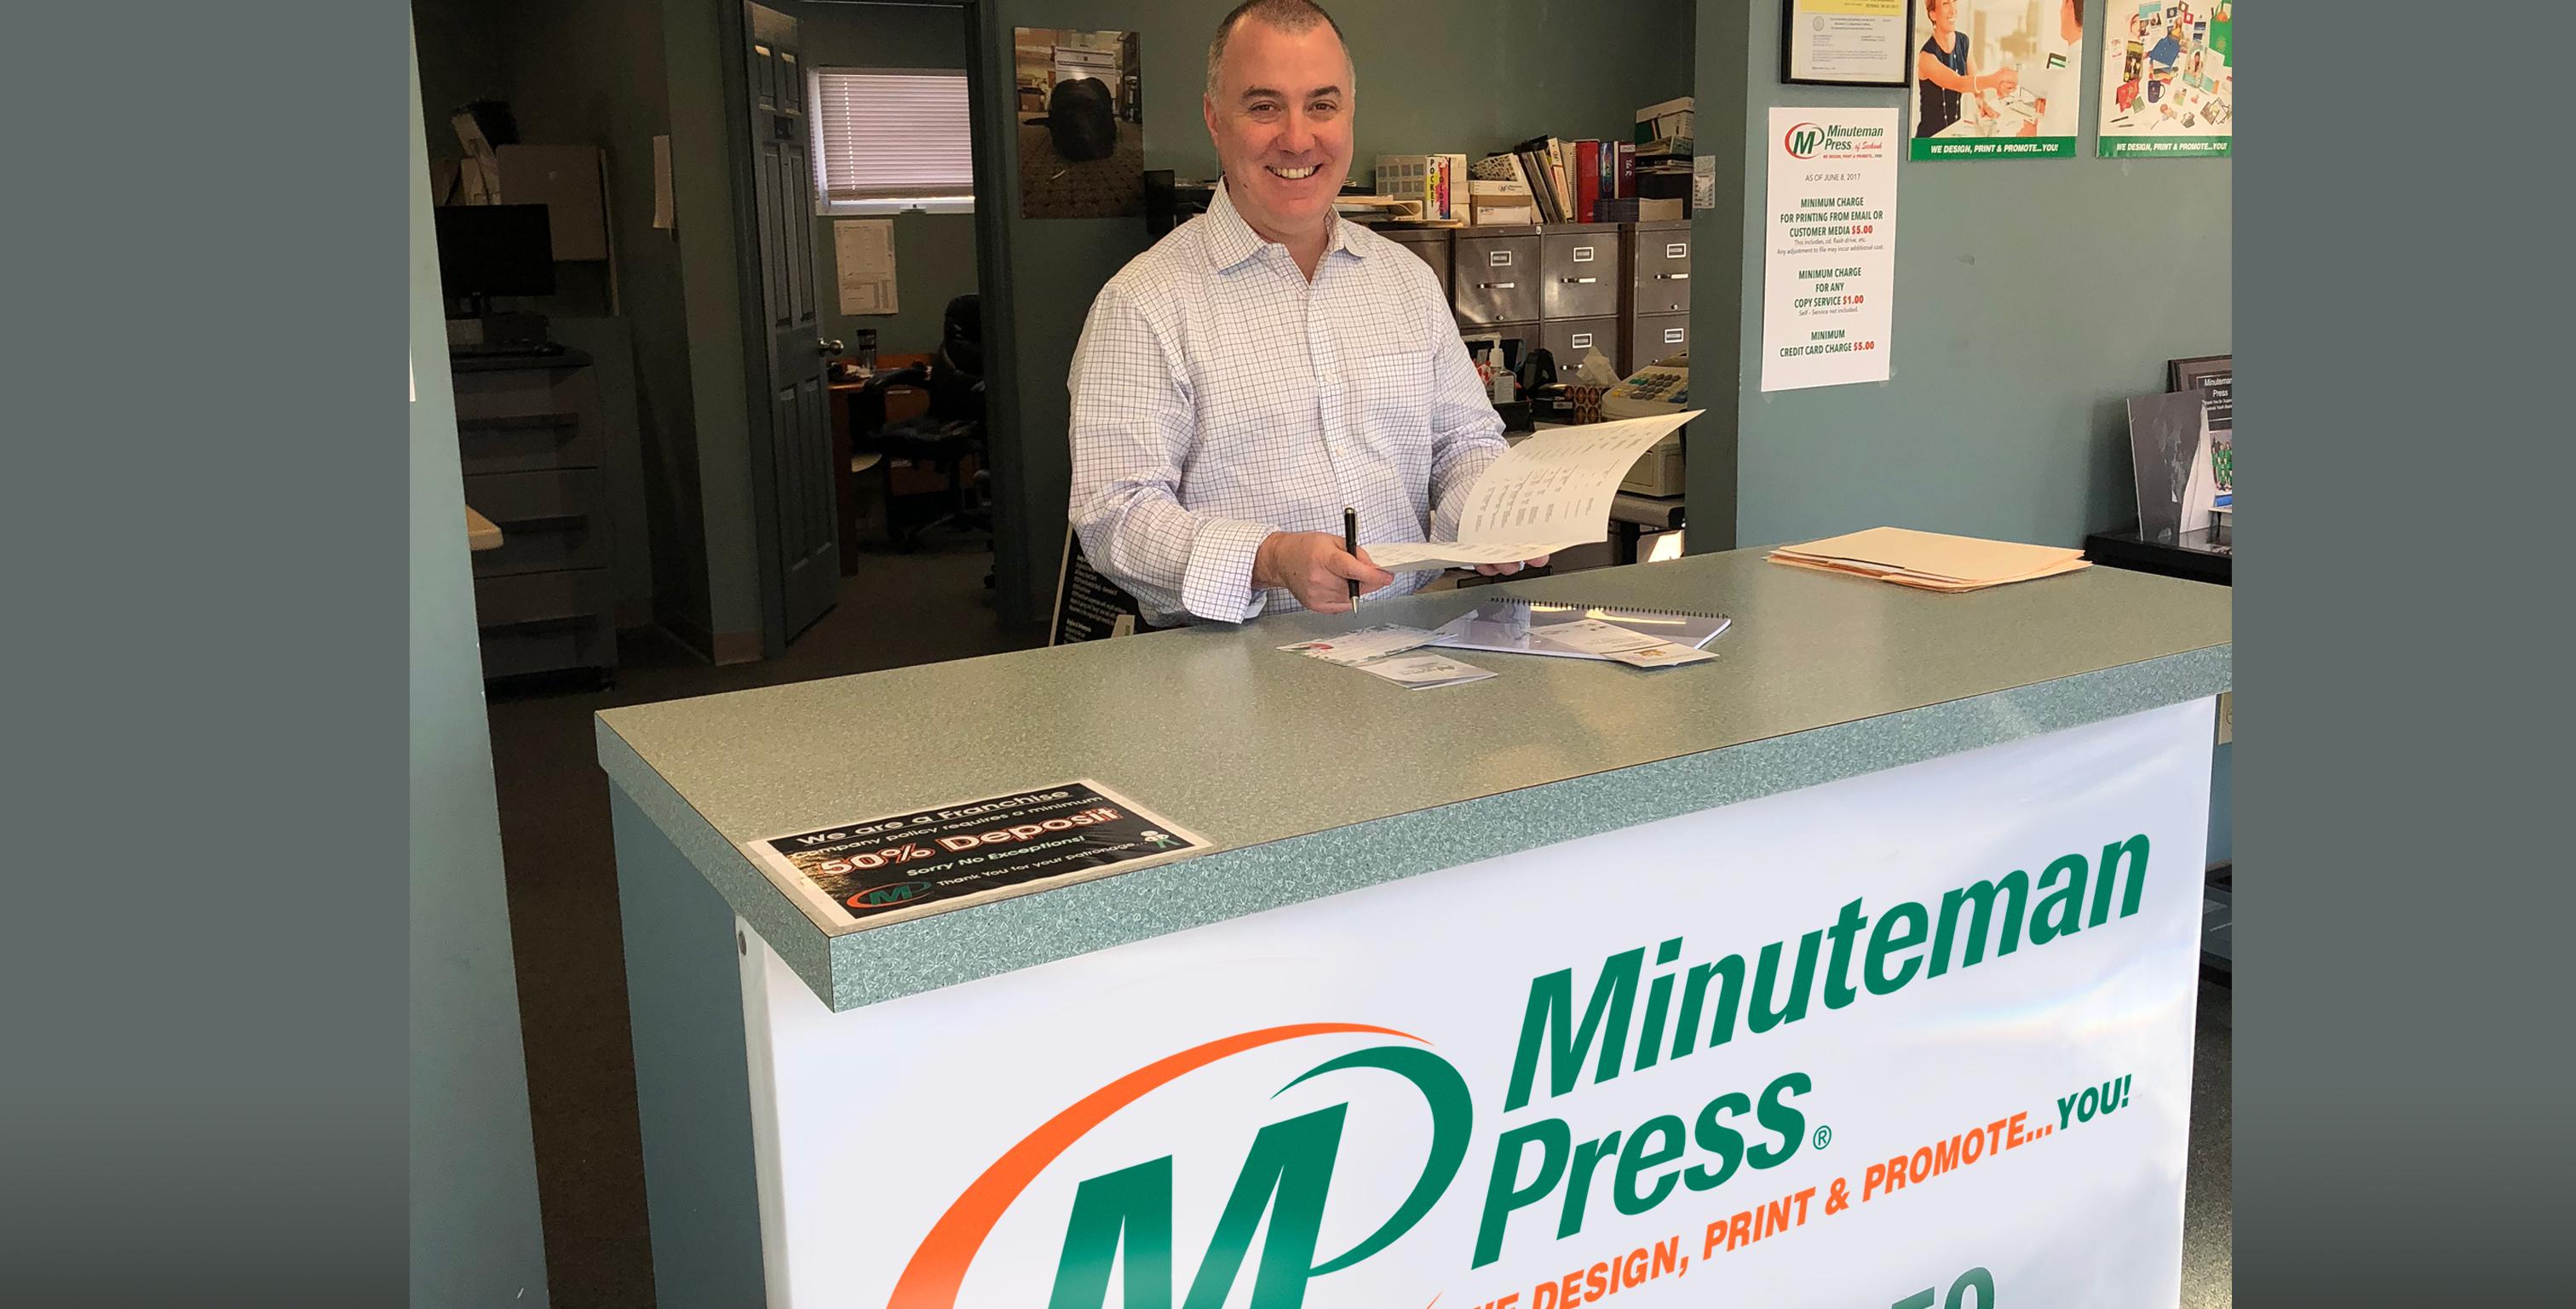 Marc Frechette, owner, Minuteman Press franchise, Seekonk, MA. http://www.minutemanpressfranchise